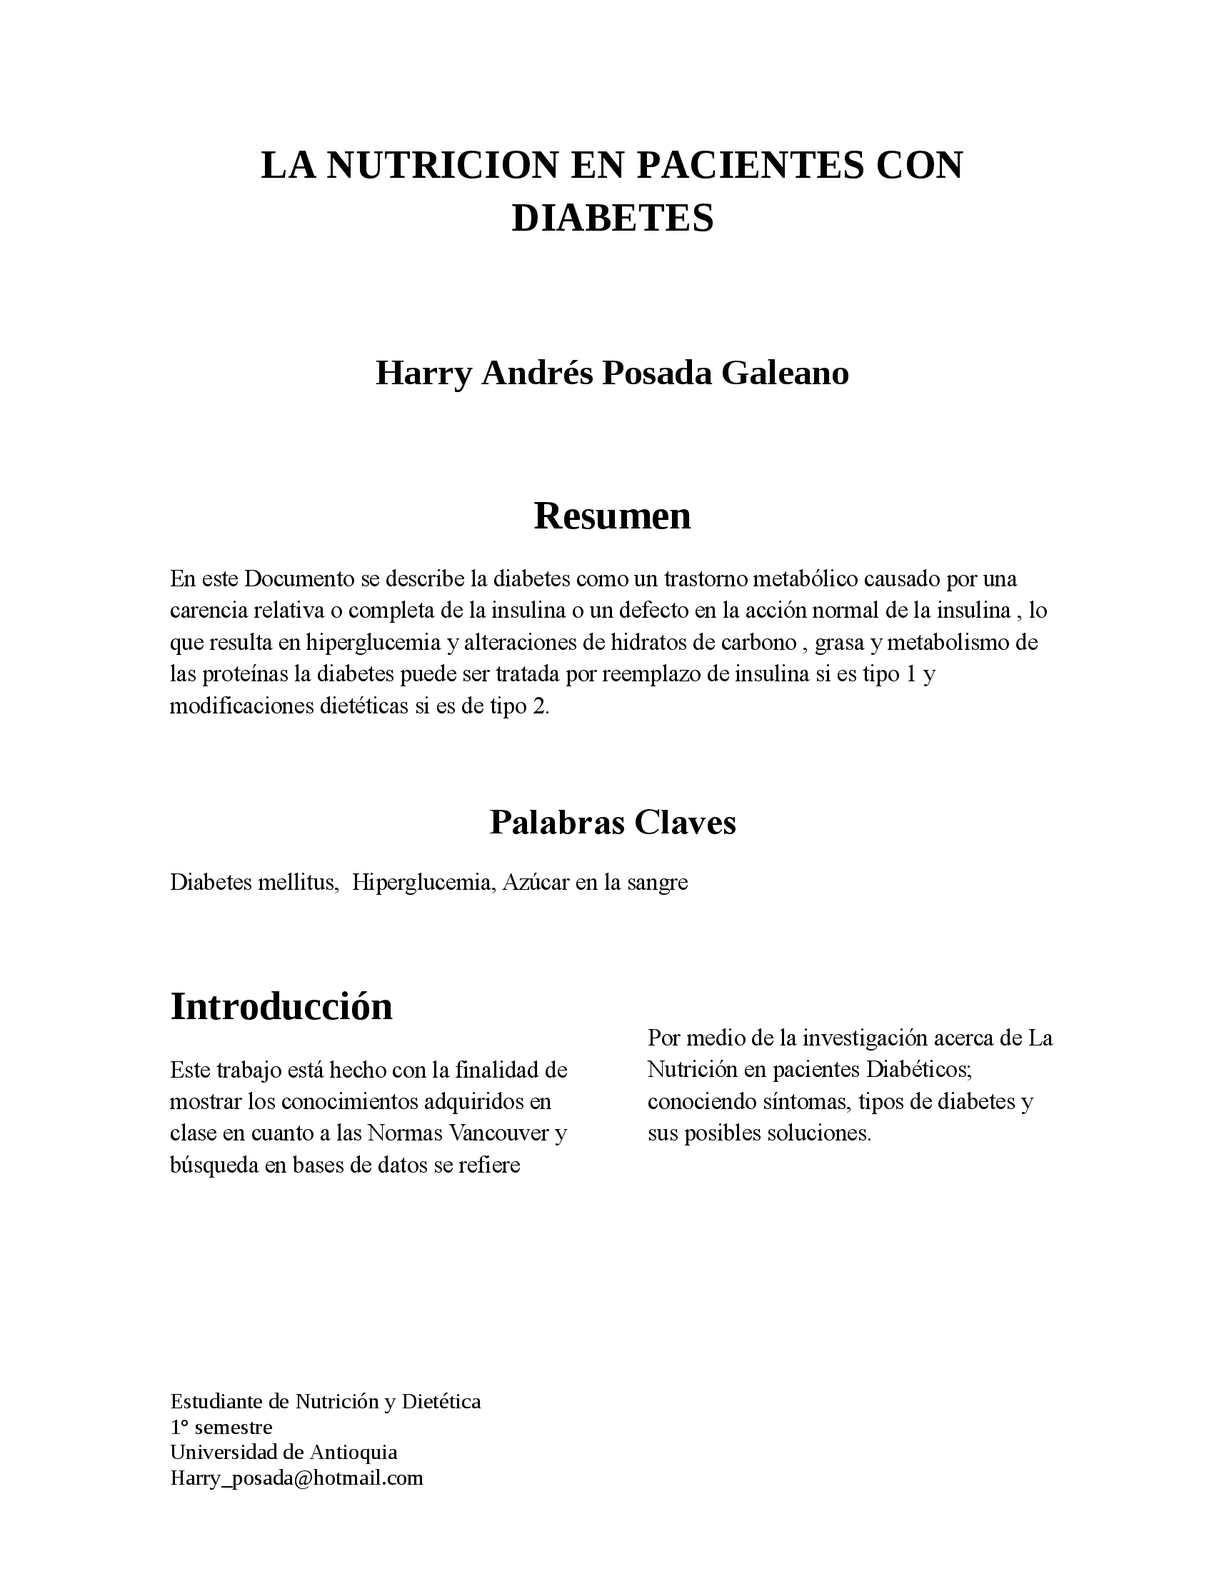 la diabetes mellitus tipo 1 es causada por una deficiencia de insulina